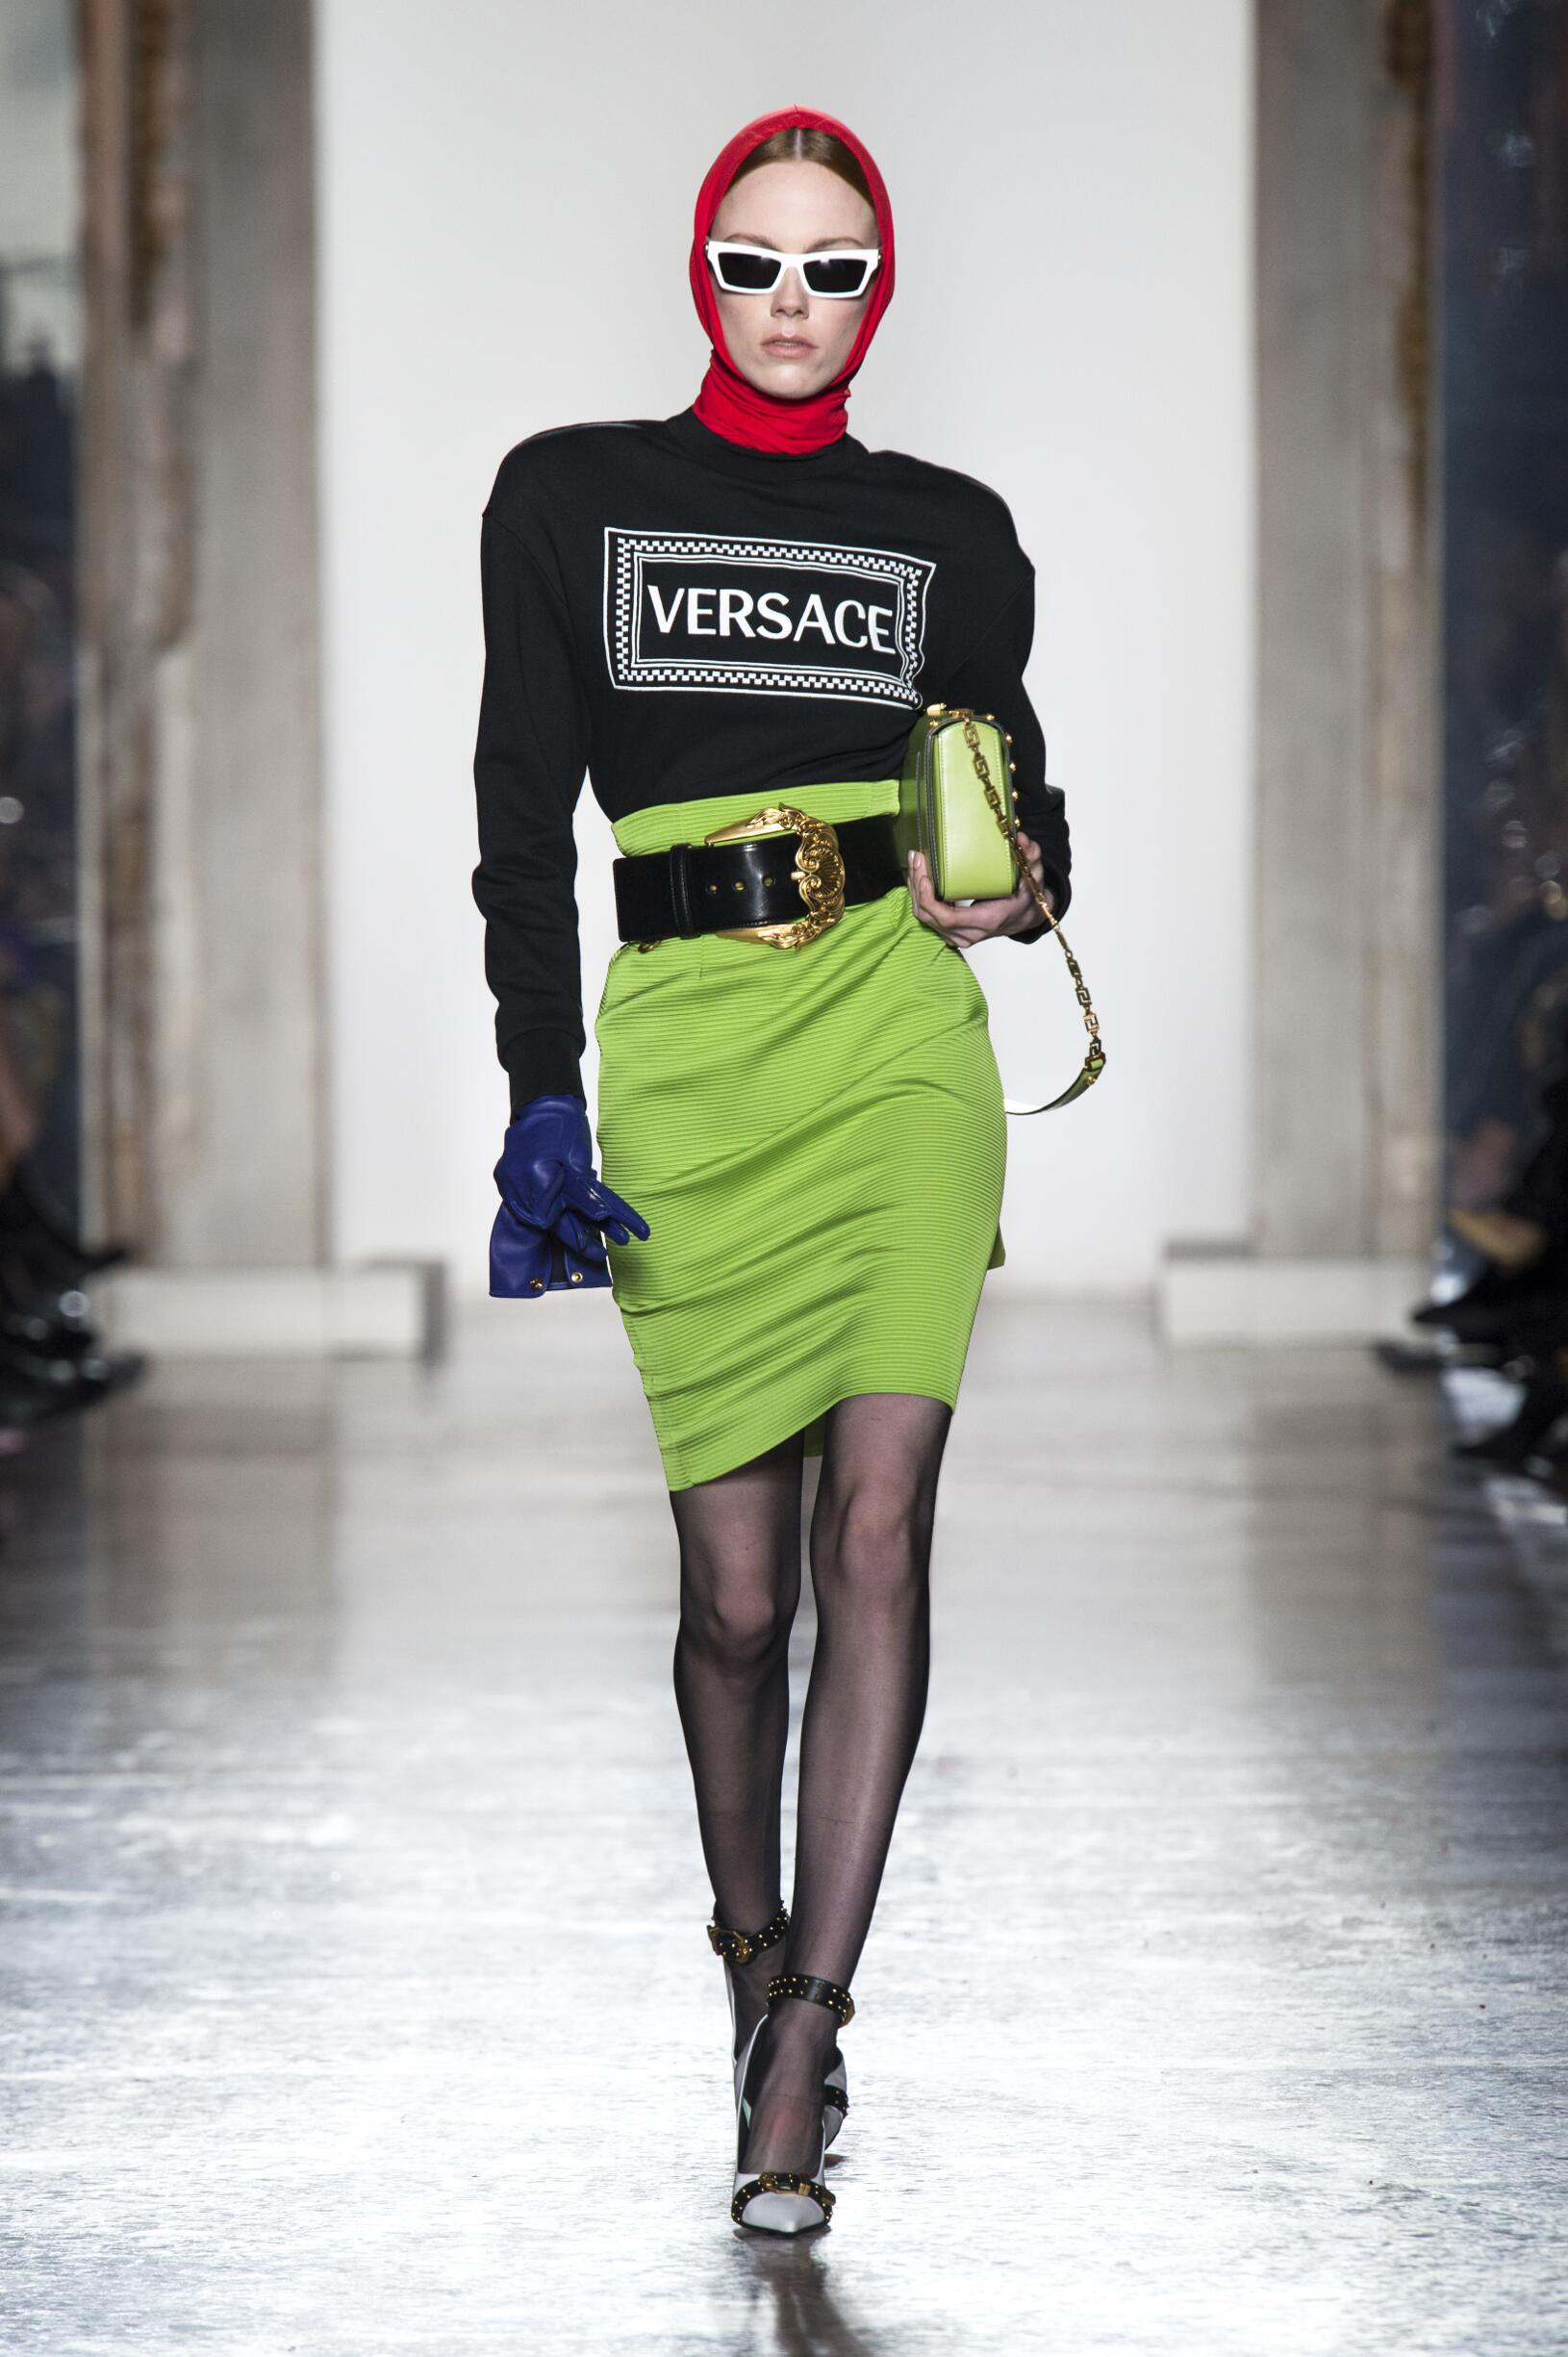 2018 Versace Woman Catwalk